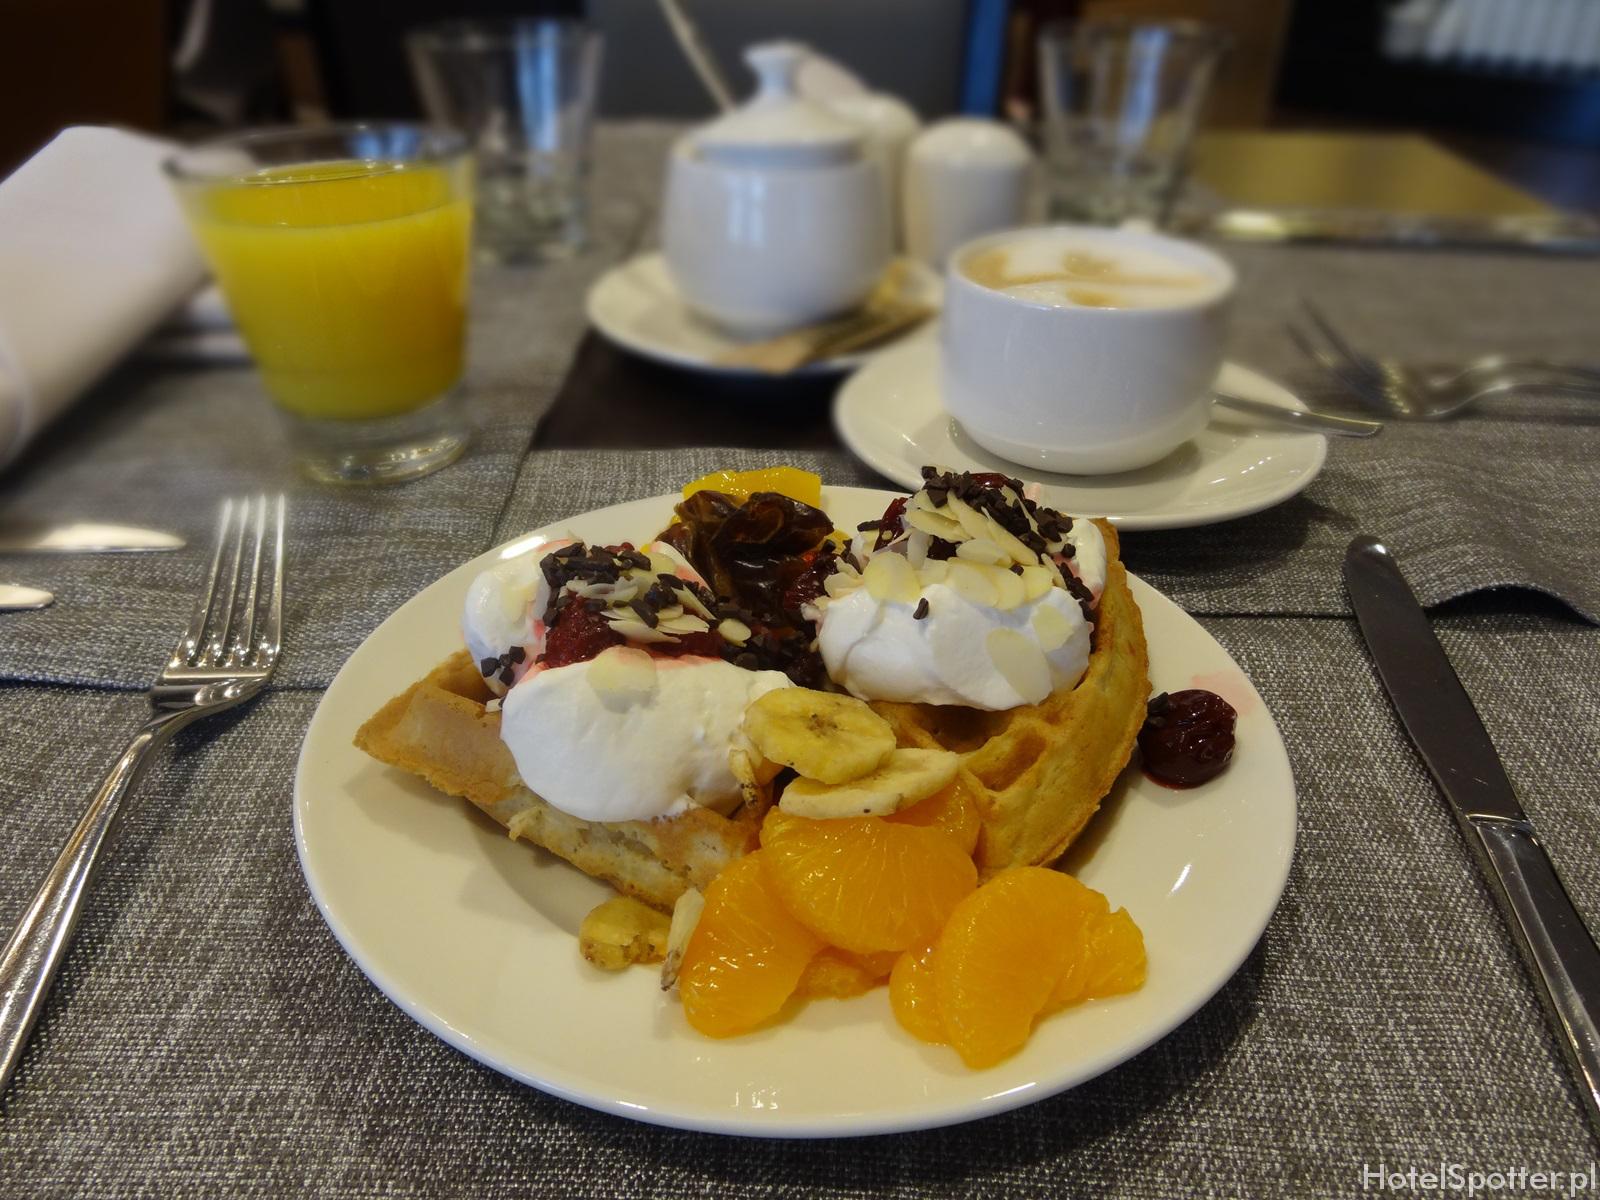 DoubleTree by Hilton Warsaw - gofry na sniadanie